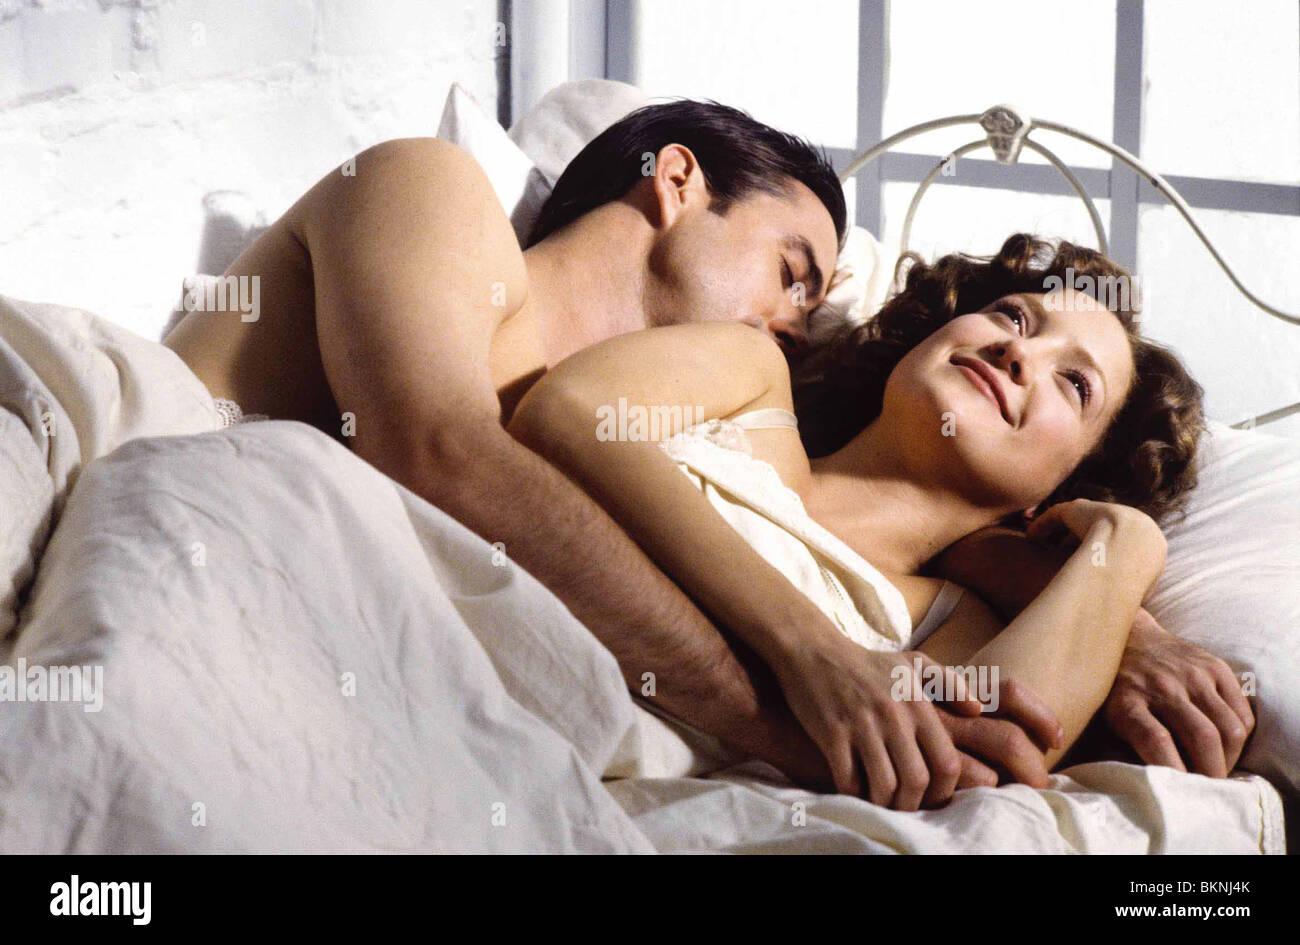 Erotica For Women Kate And Luke